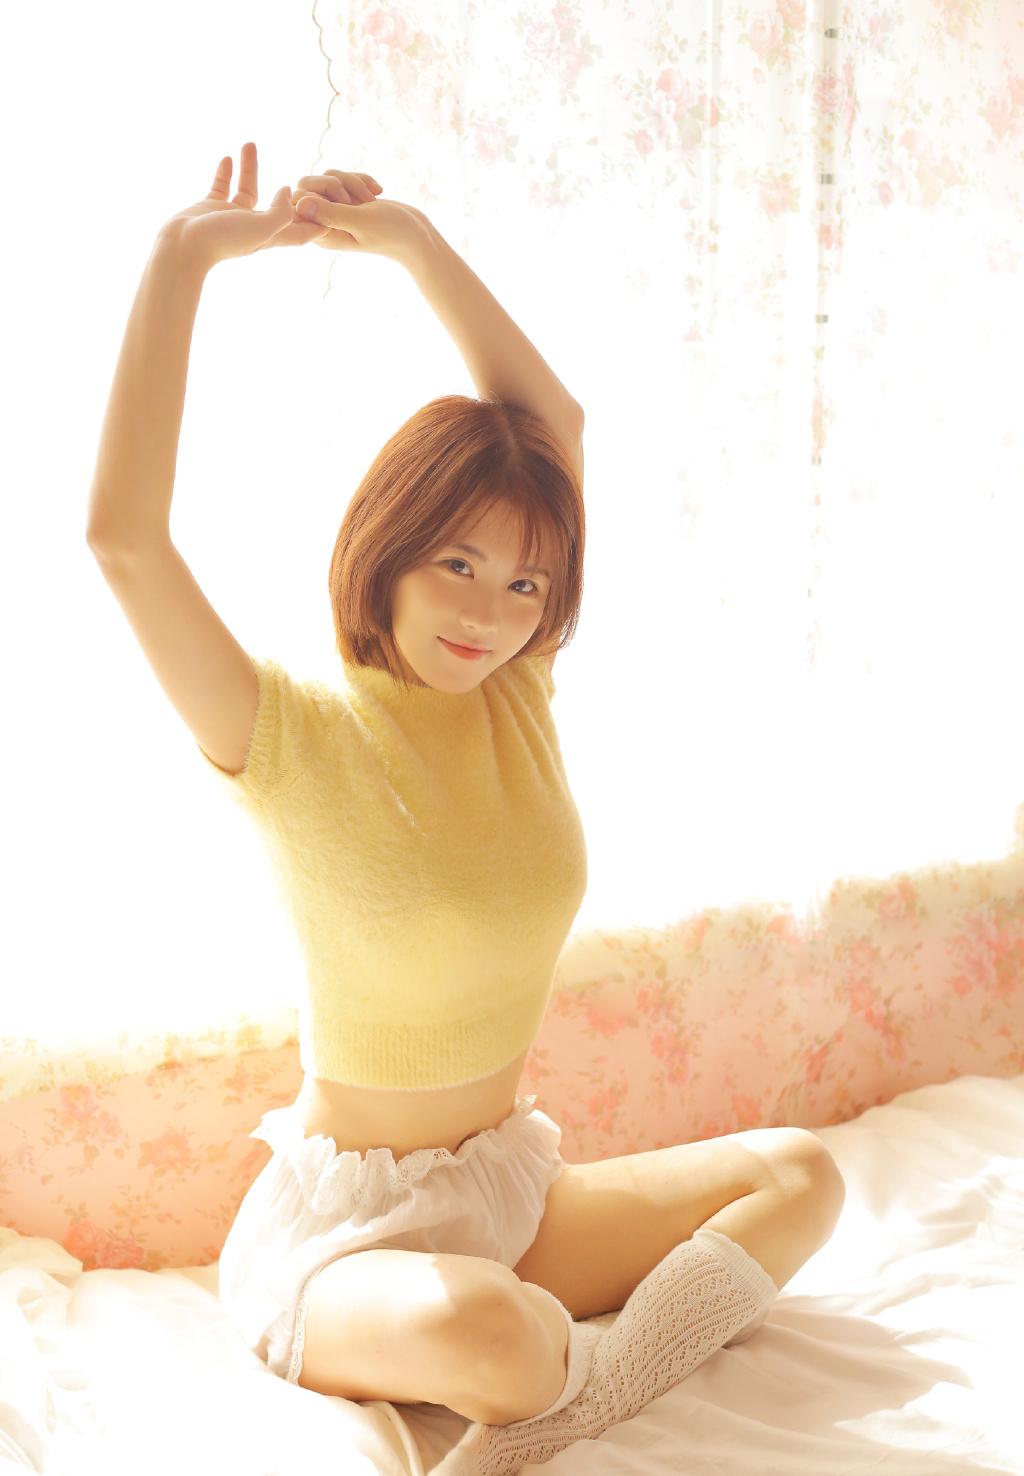 韩国泳装美女的性感写真